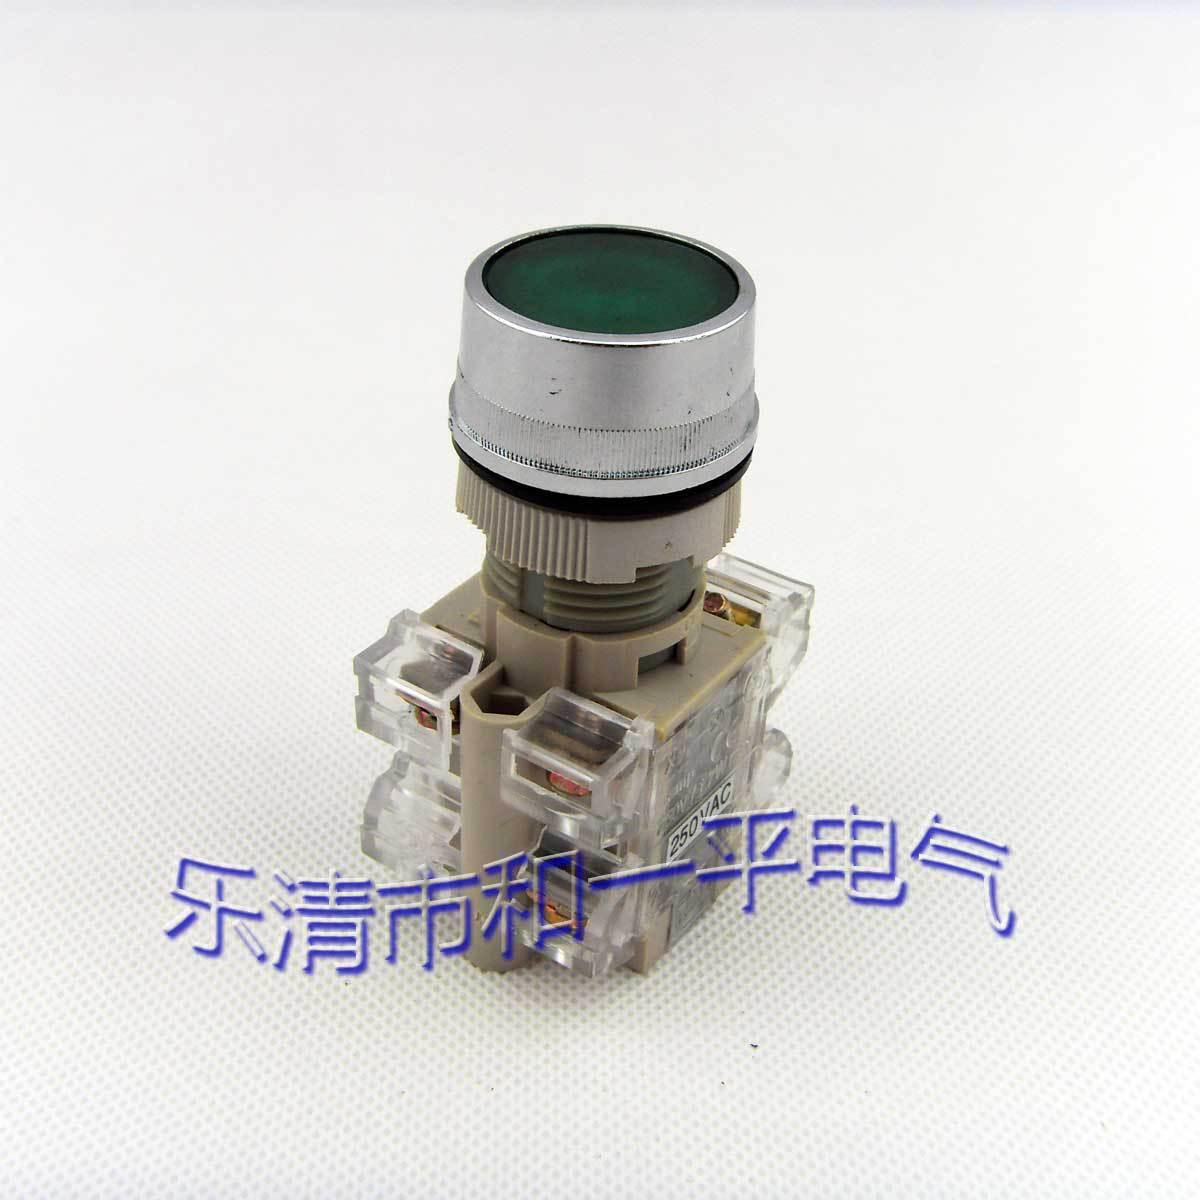 台湾天得 正品 T2TFR自复位带灯按钮开关 安装口径:22mm